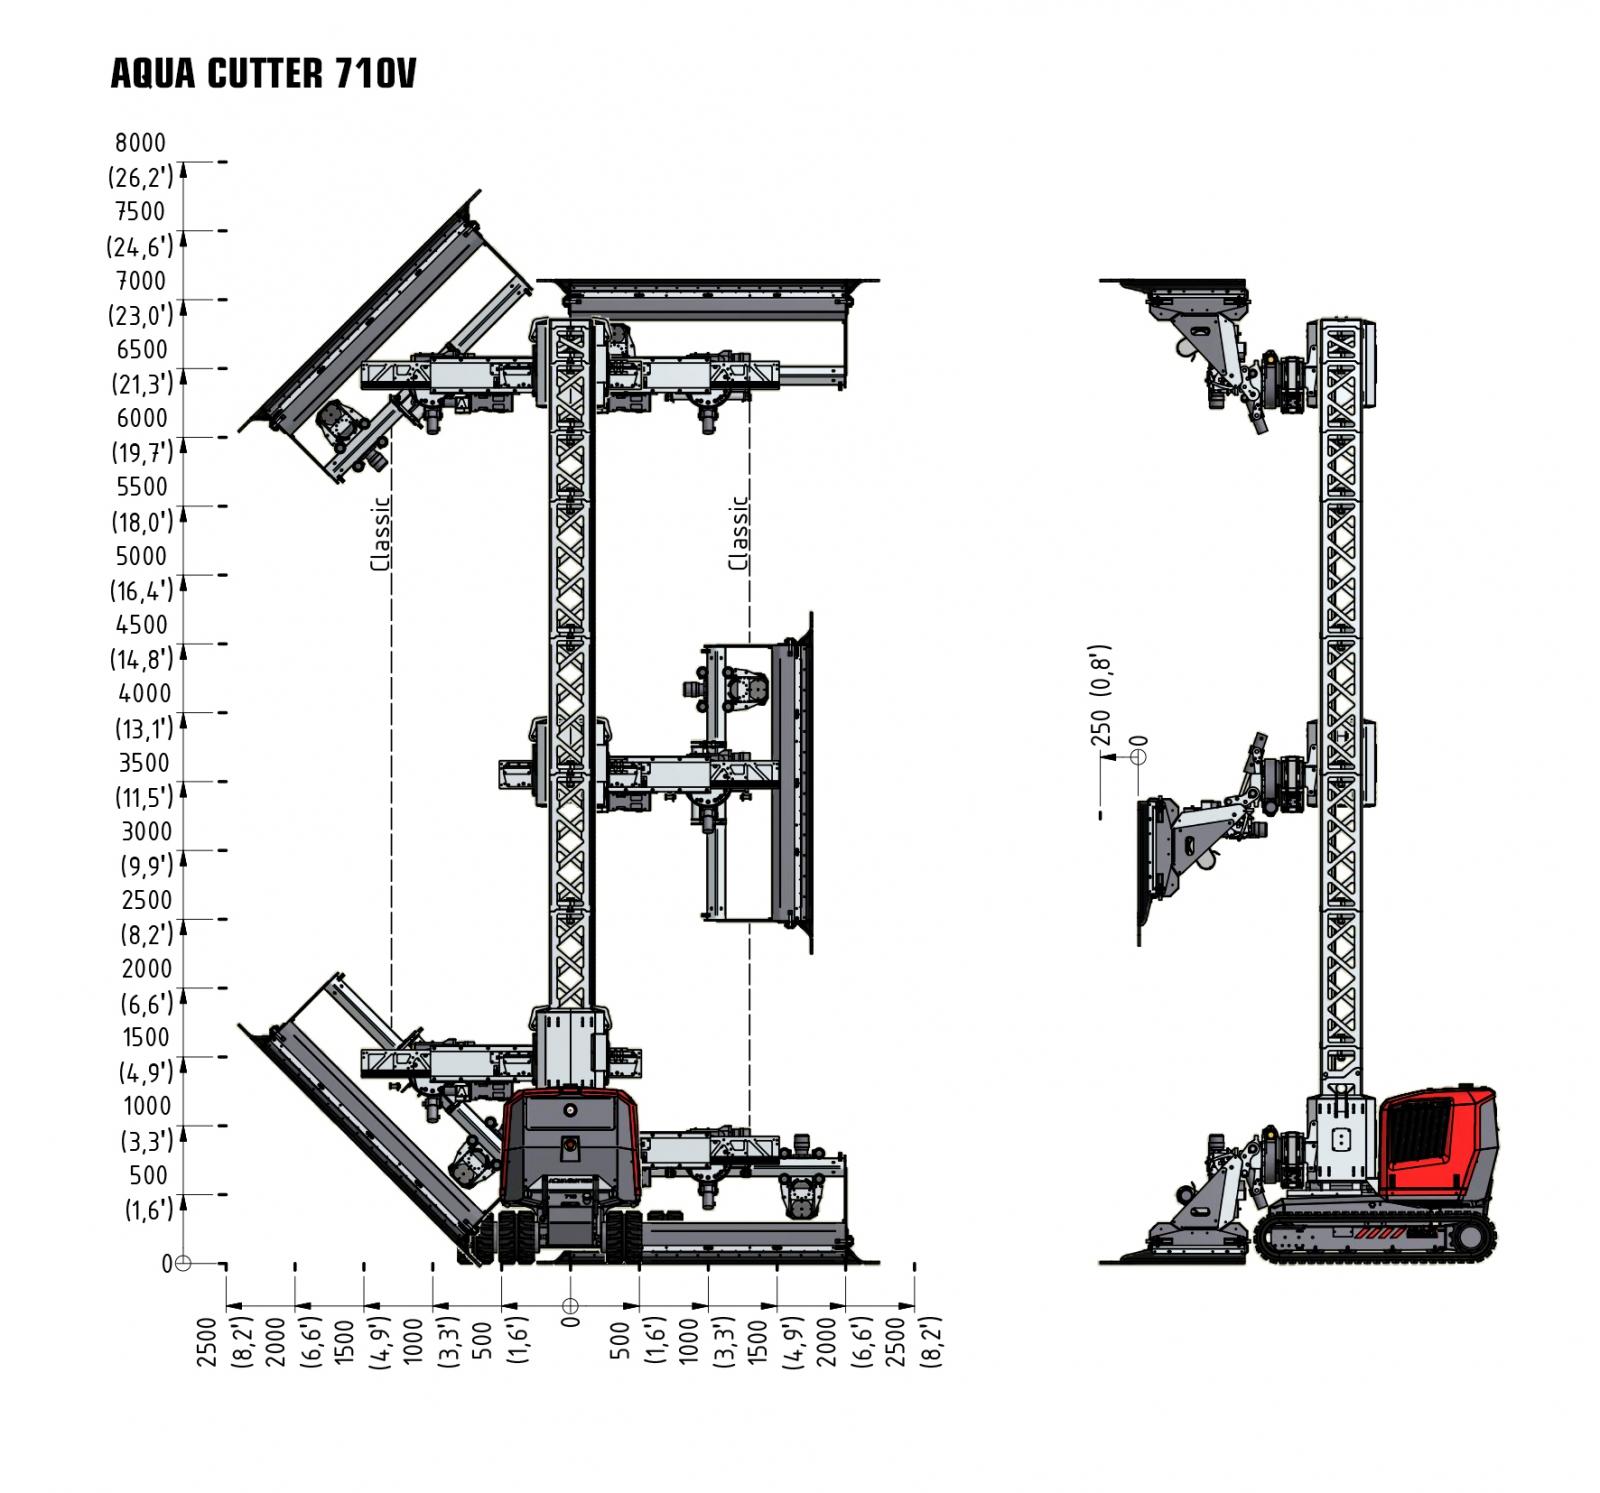 Aqua Cutter 710V Hydrodemolition Robot Specs